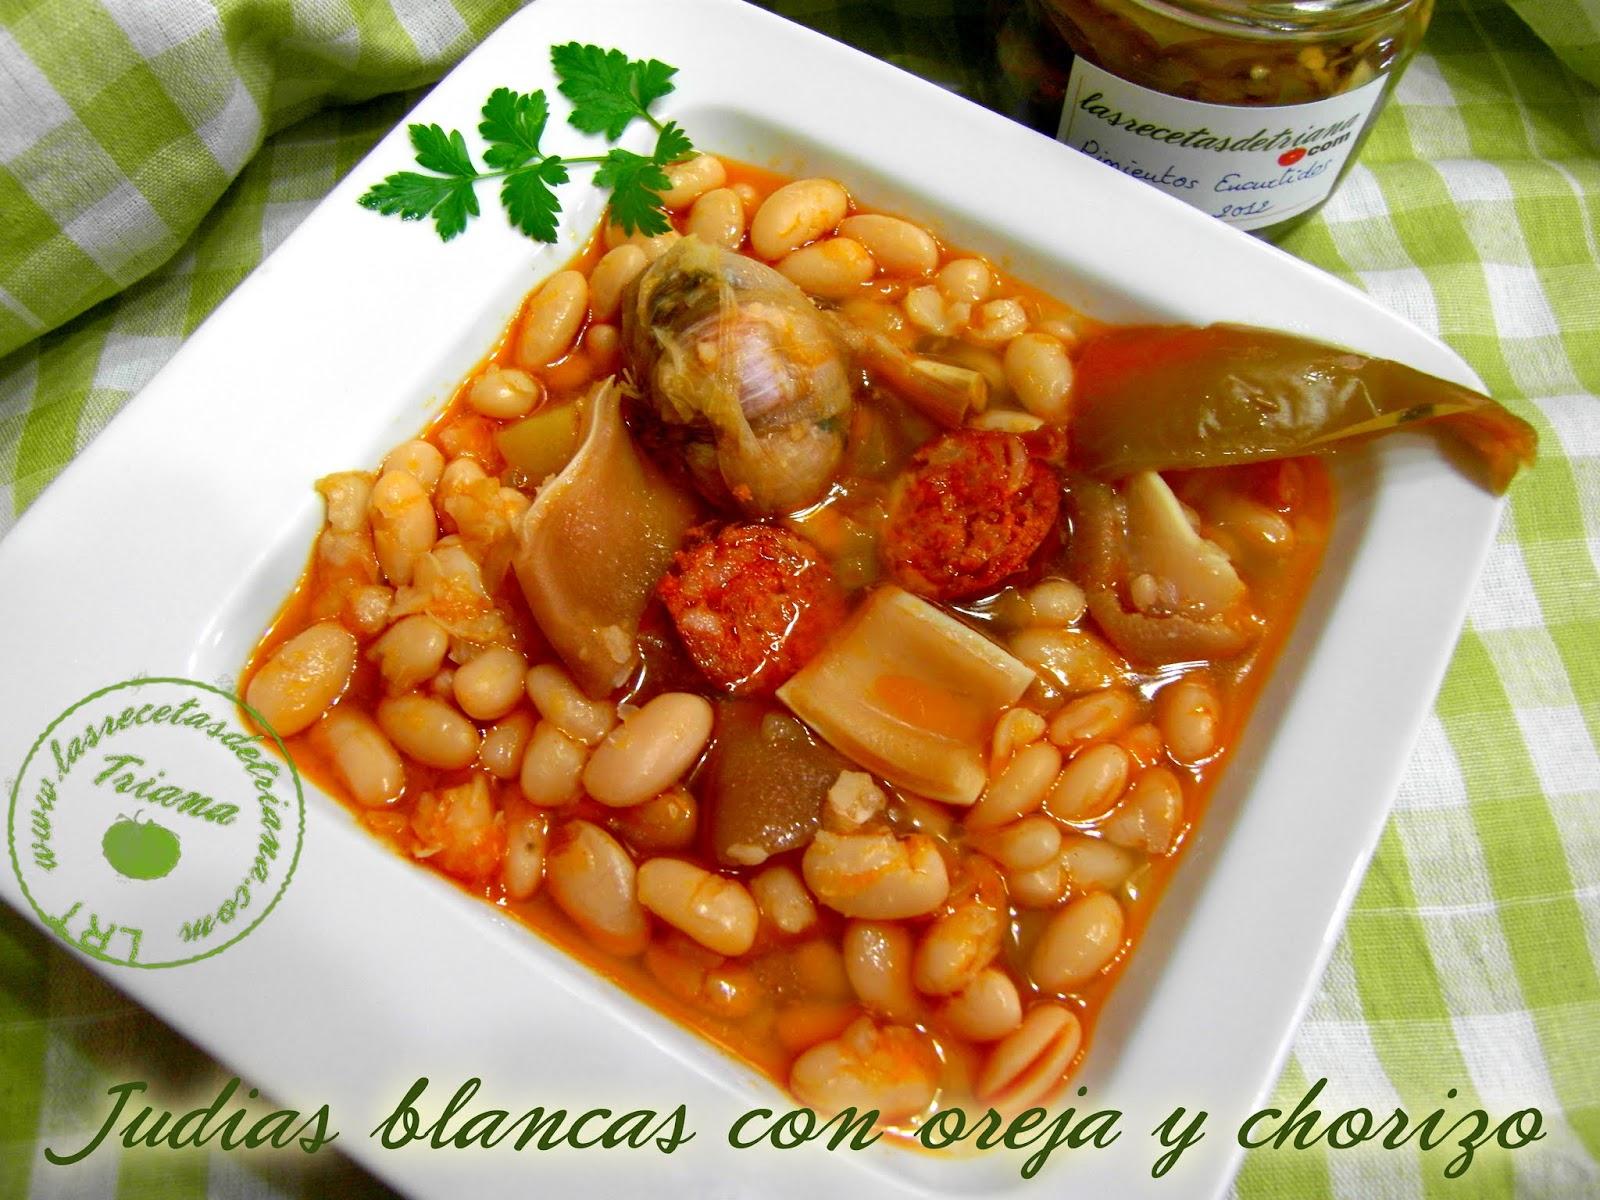 Judias blancas con oreja y chorizo recetas de cocina for Cocinar judias blancas